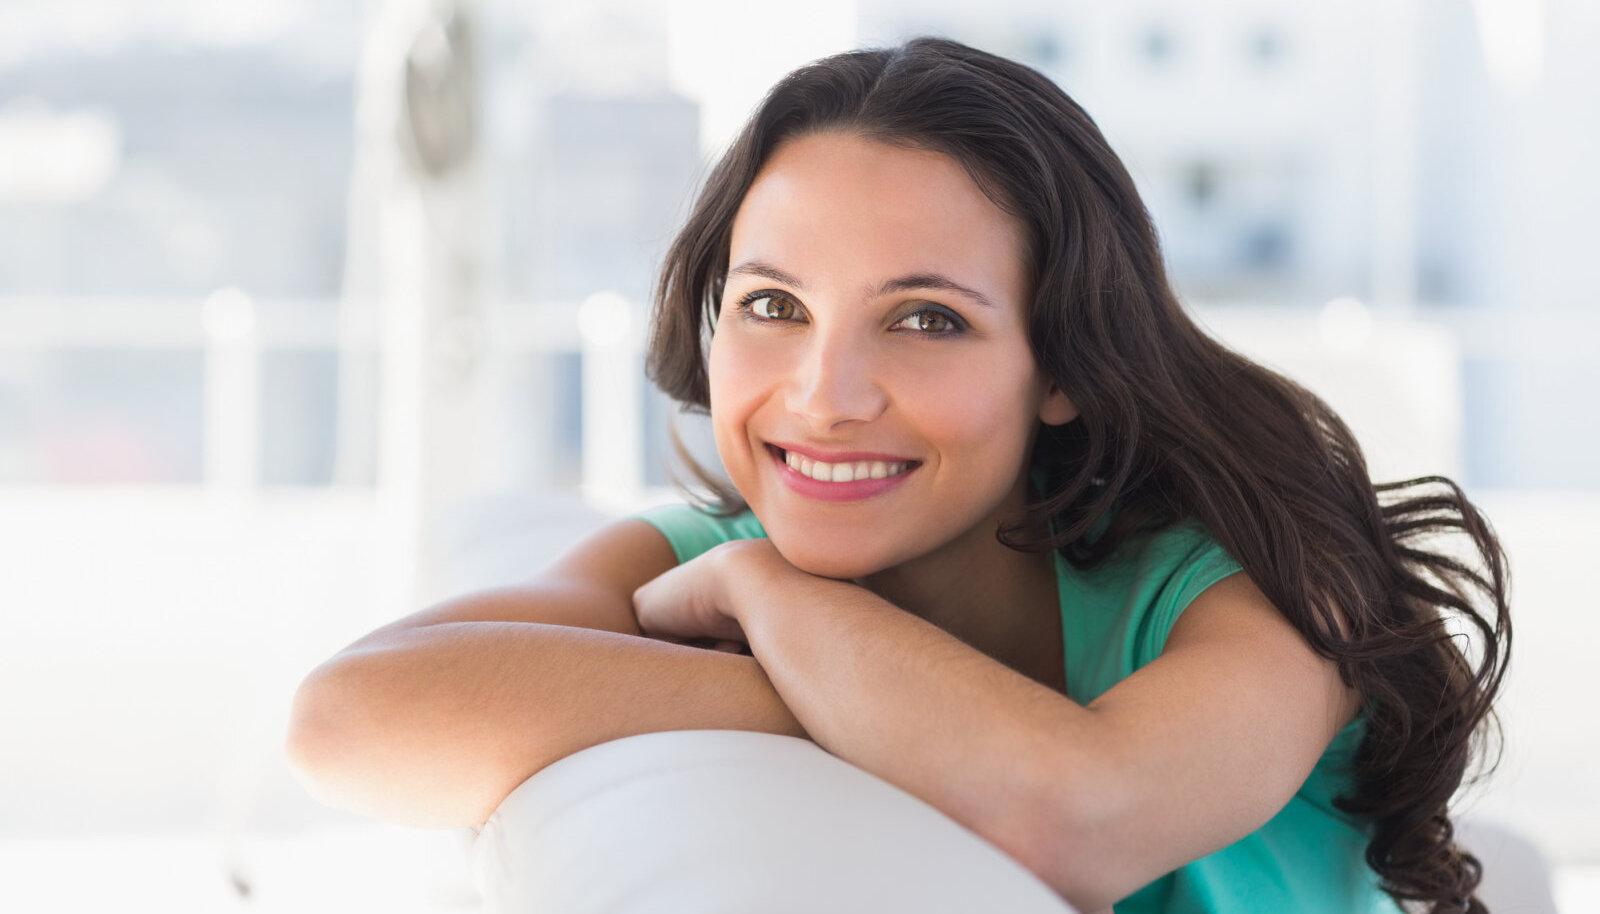 vaimuliigendid pohjustavad ravi istudes polve valus